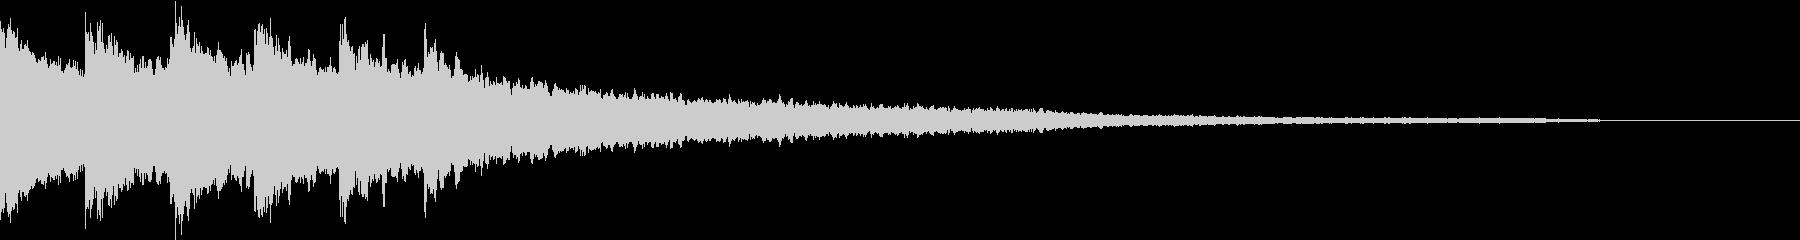 実験 結果 浮かぶ 答え キラリン 01の未再生の波形